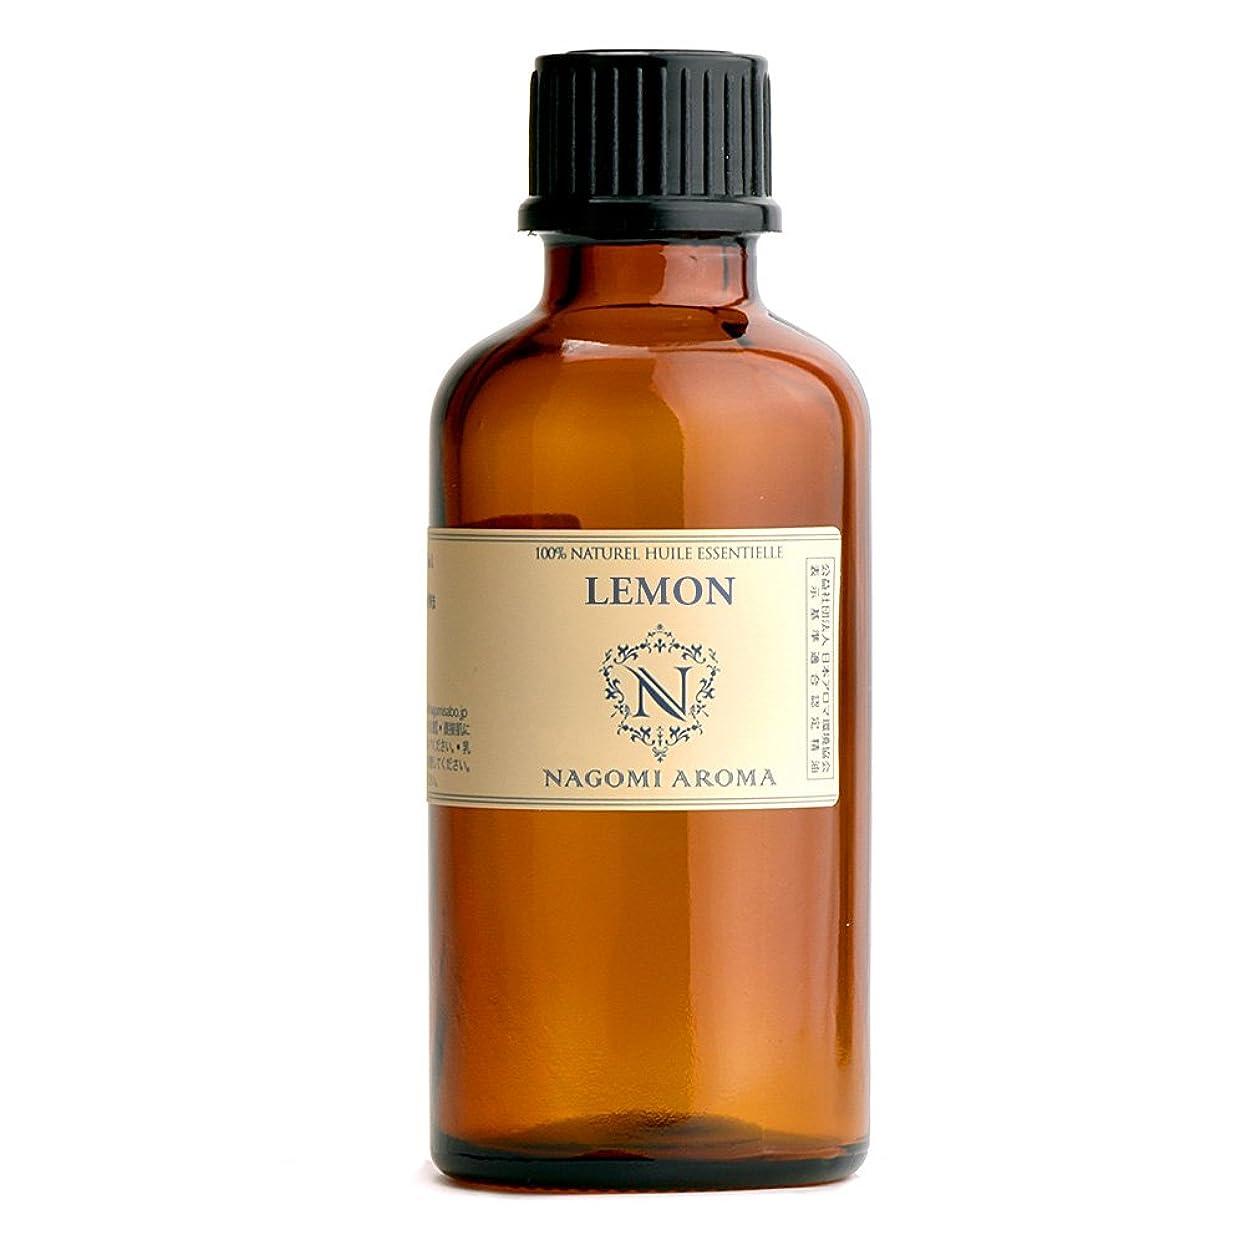 スキャン導出急いでNAGOMI AROMA レモン 50ml 【AEAJ認定精油】【アロマオイル】